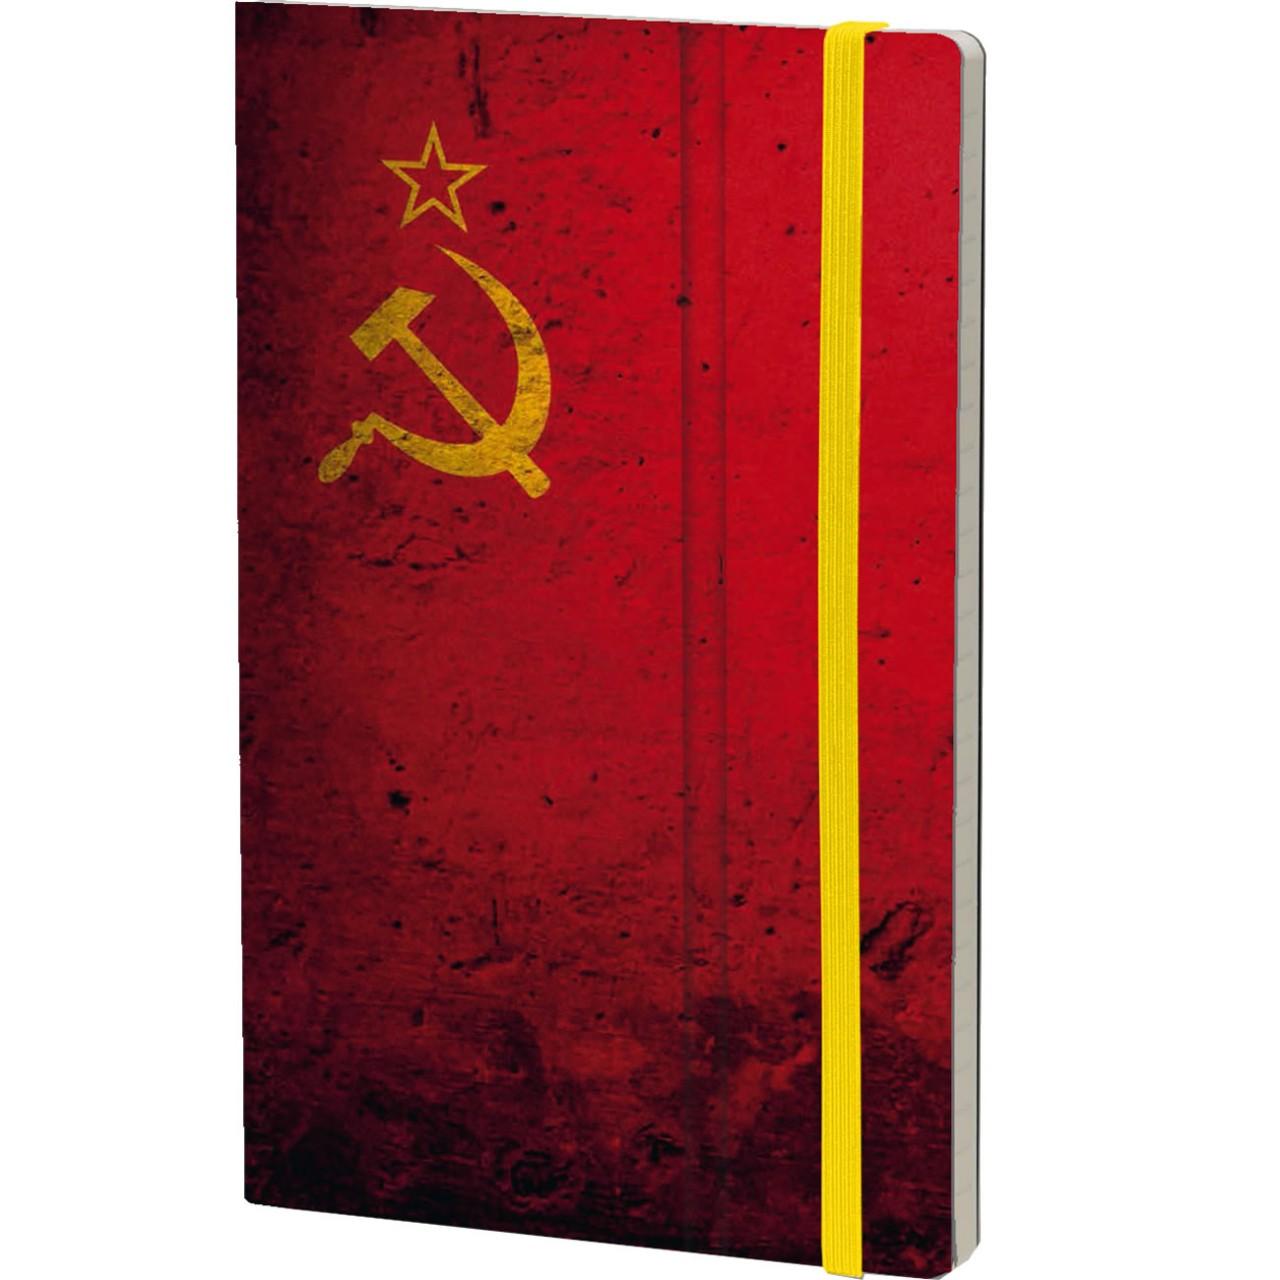 Stifflexible Notizbuch HISTORICAL NOTES 13 x 21 cm 192 S., DASVIDANIA TOVARISH (URSS Flag)